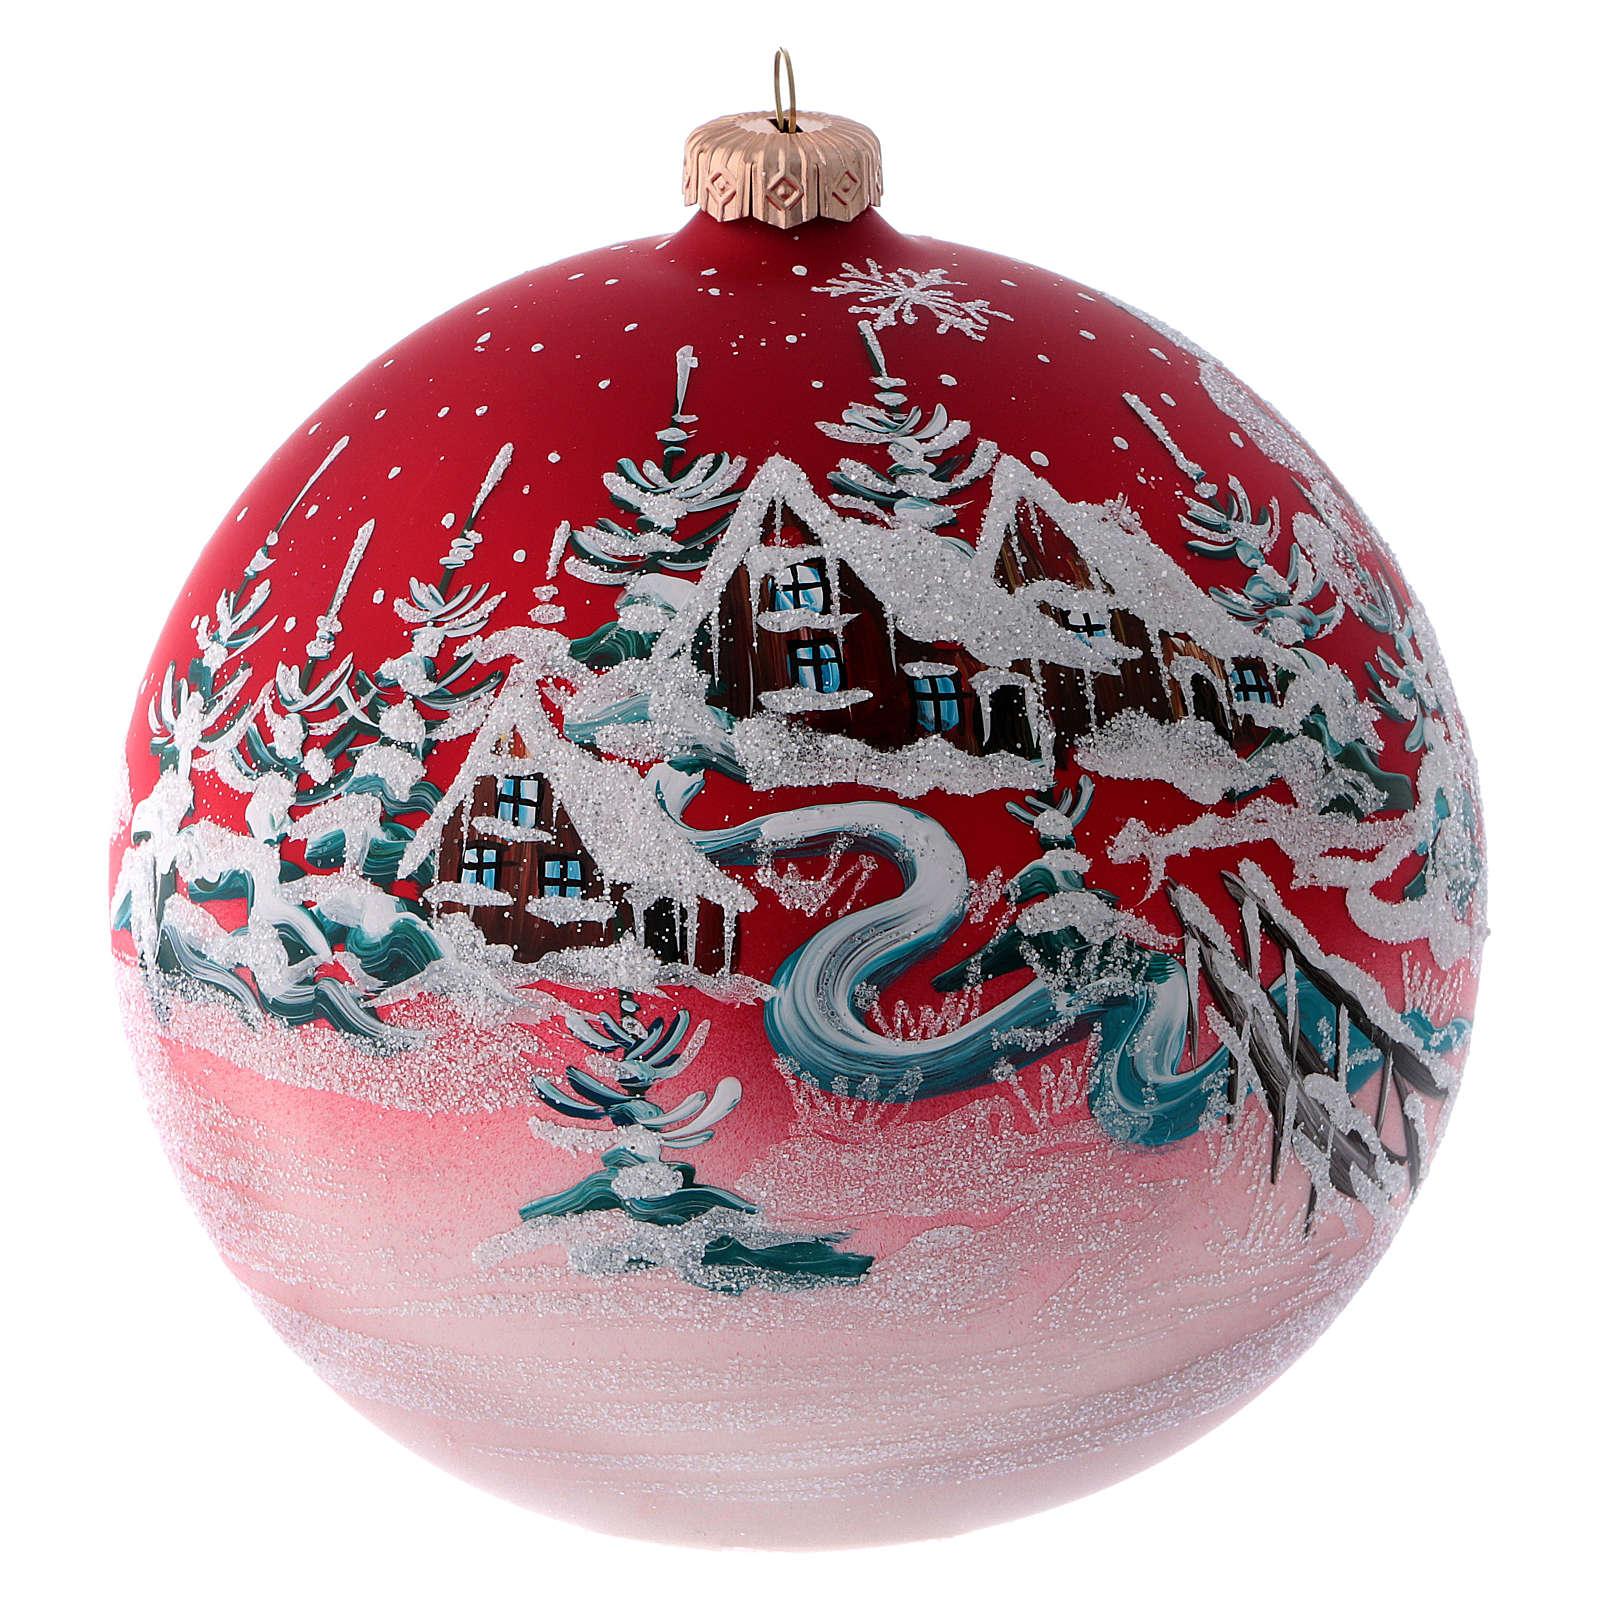 Weihnachtskugel aus Glas Grundton Rot Motiv weihnachtliche Landschaft 150 mm 4